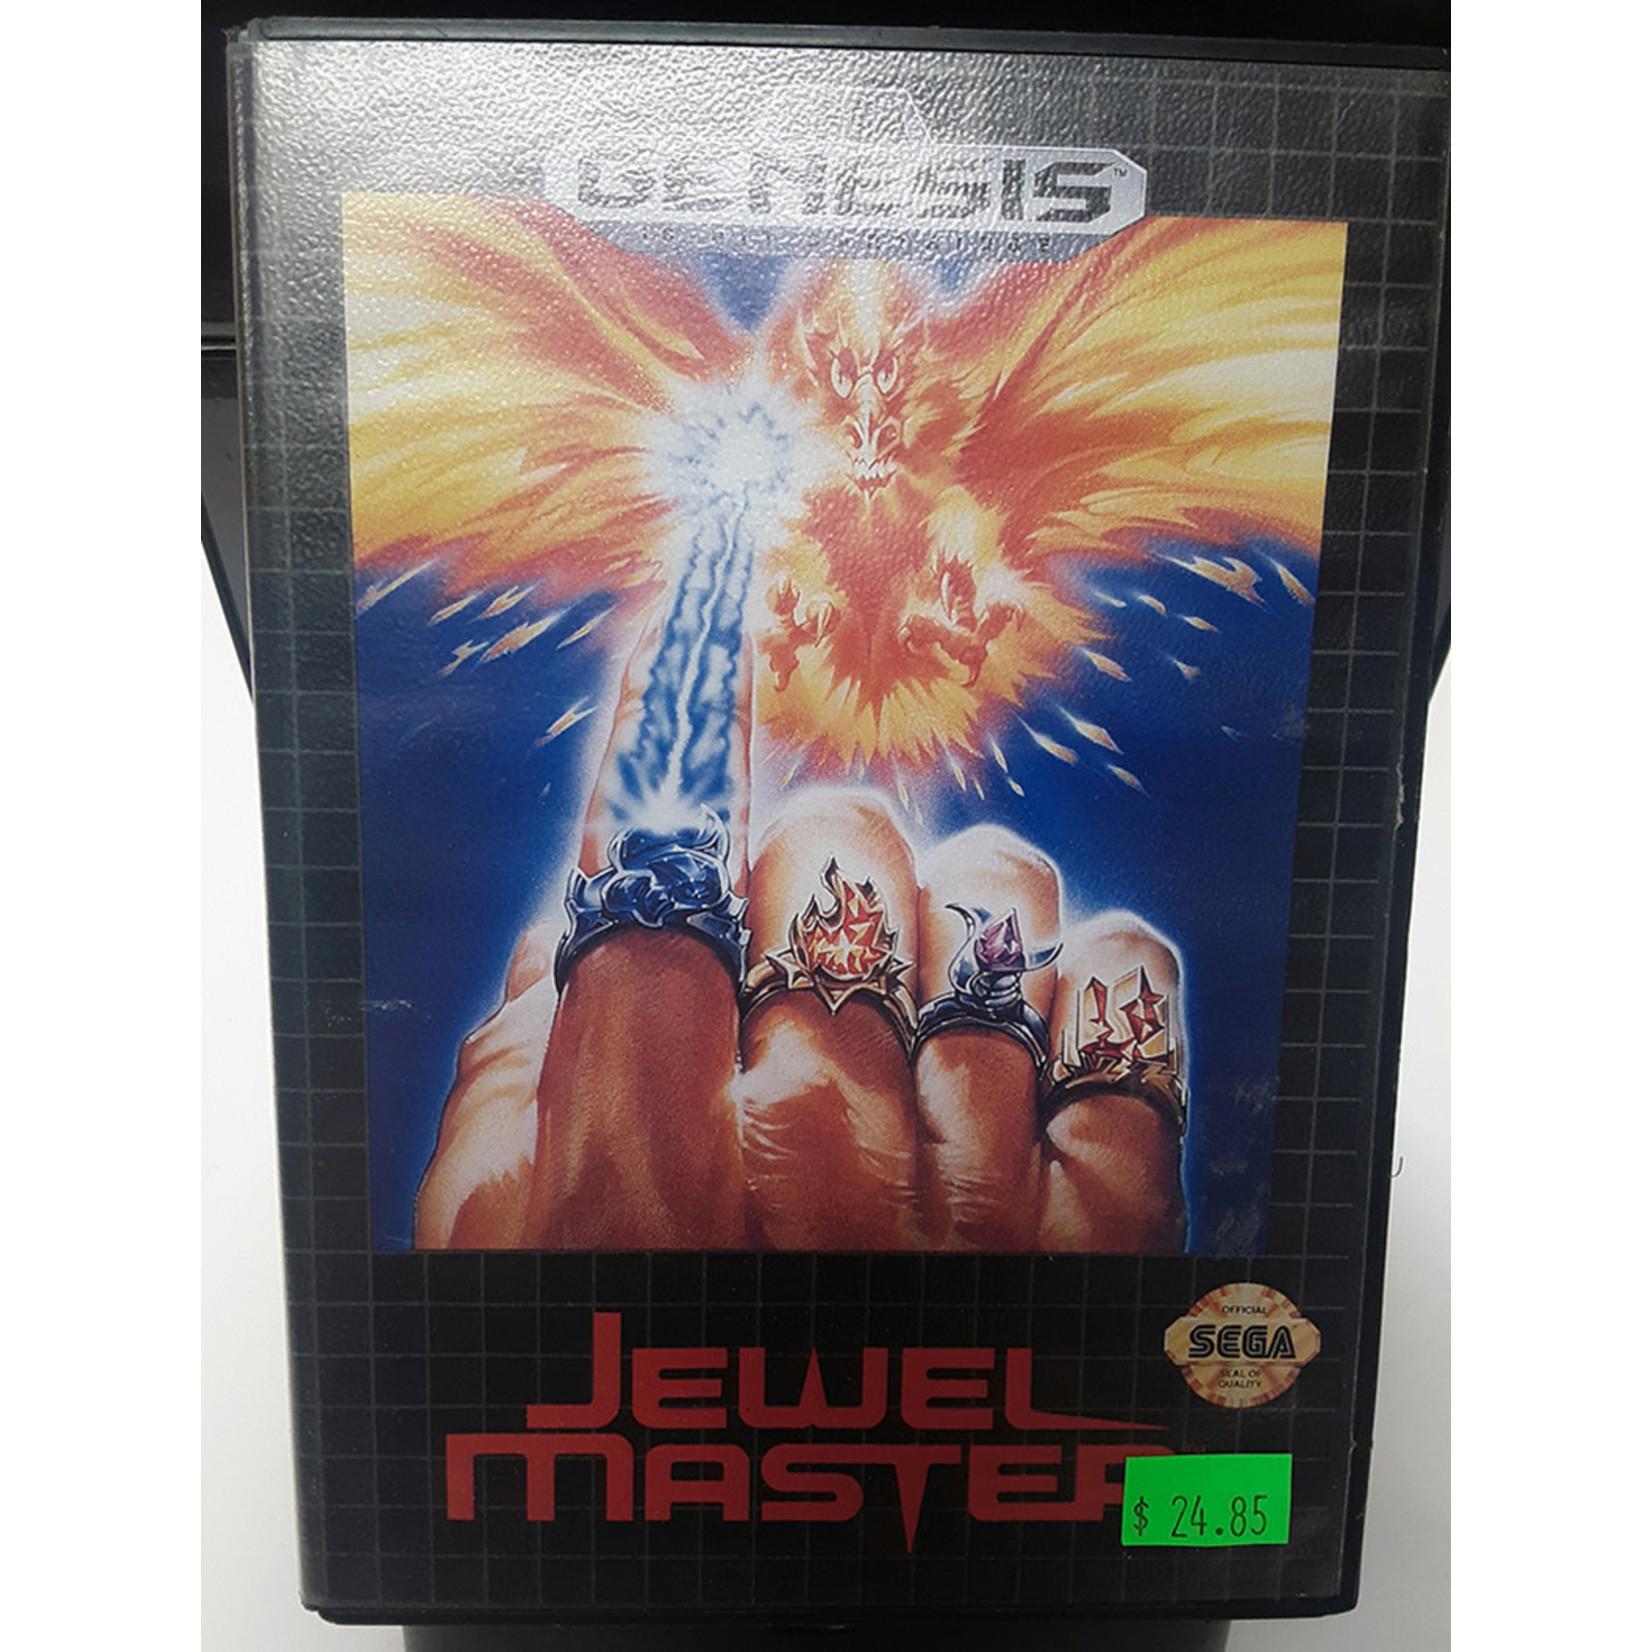 sgu-Jewel Master (in box)